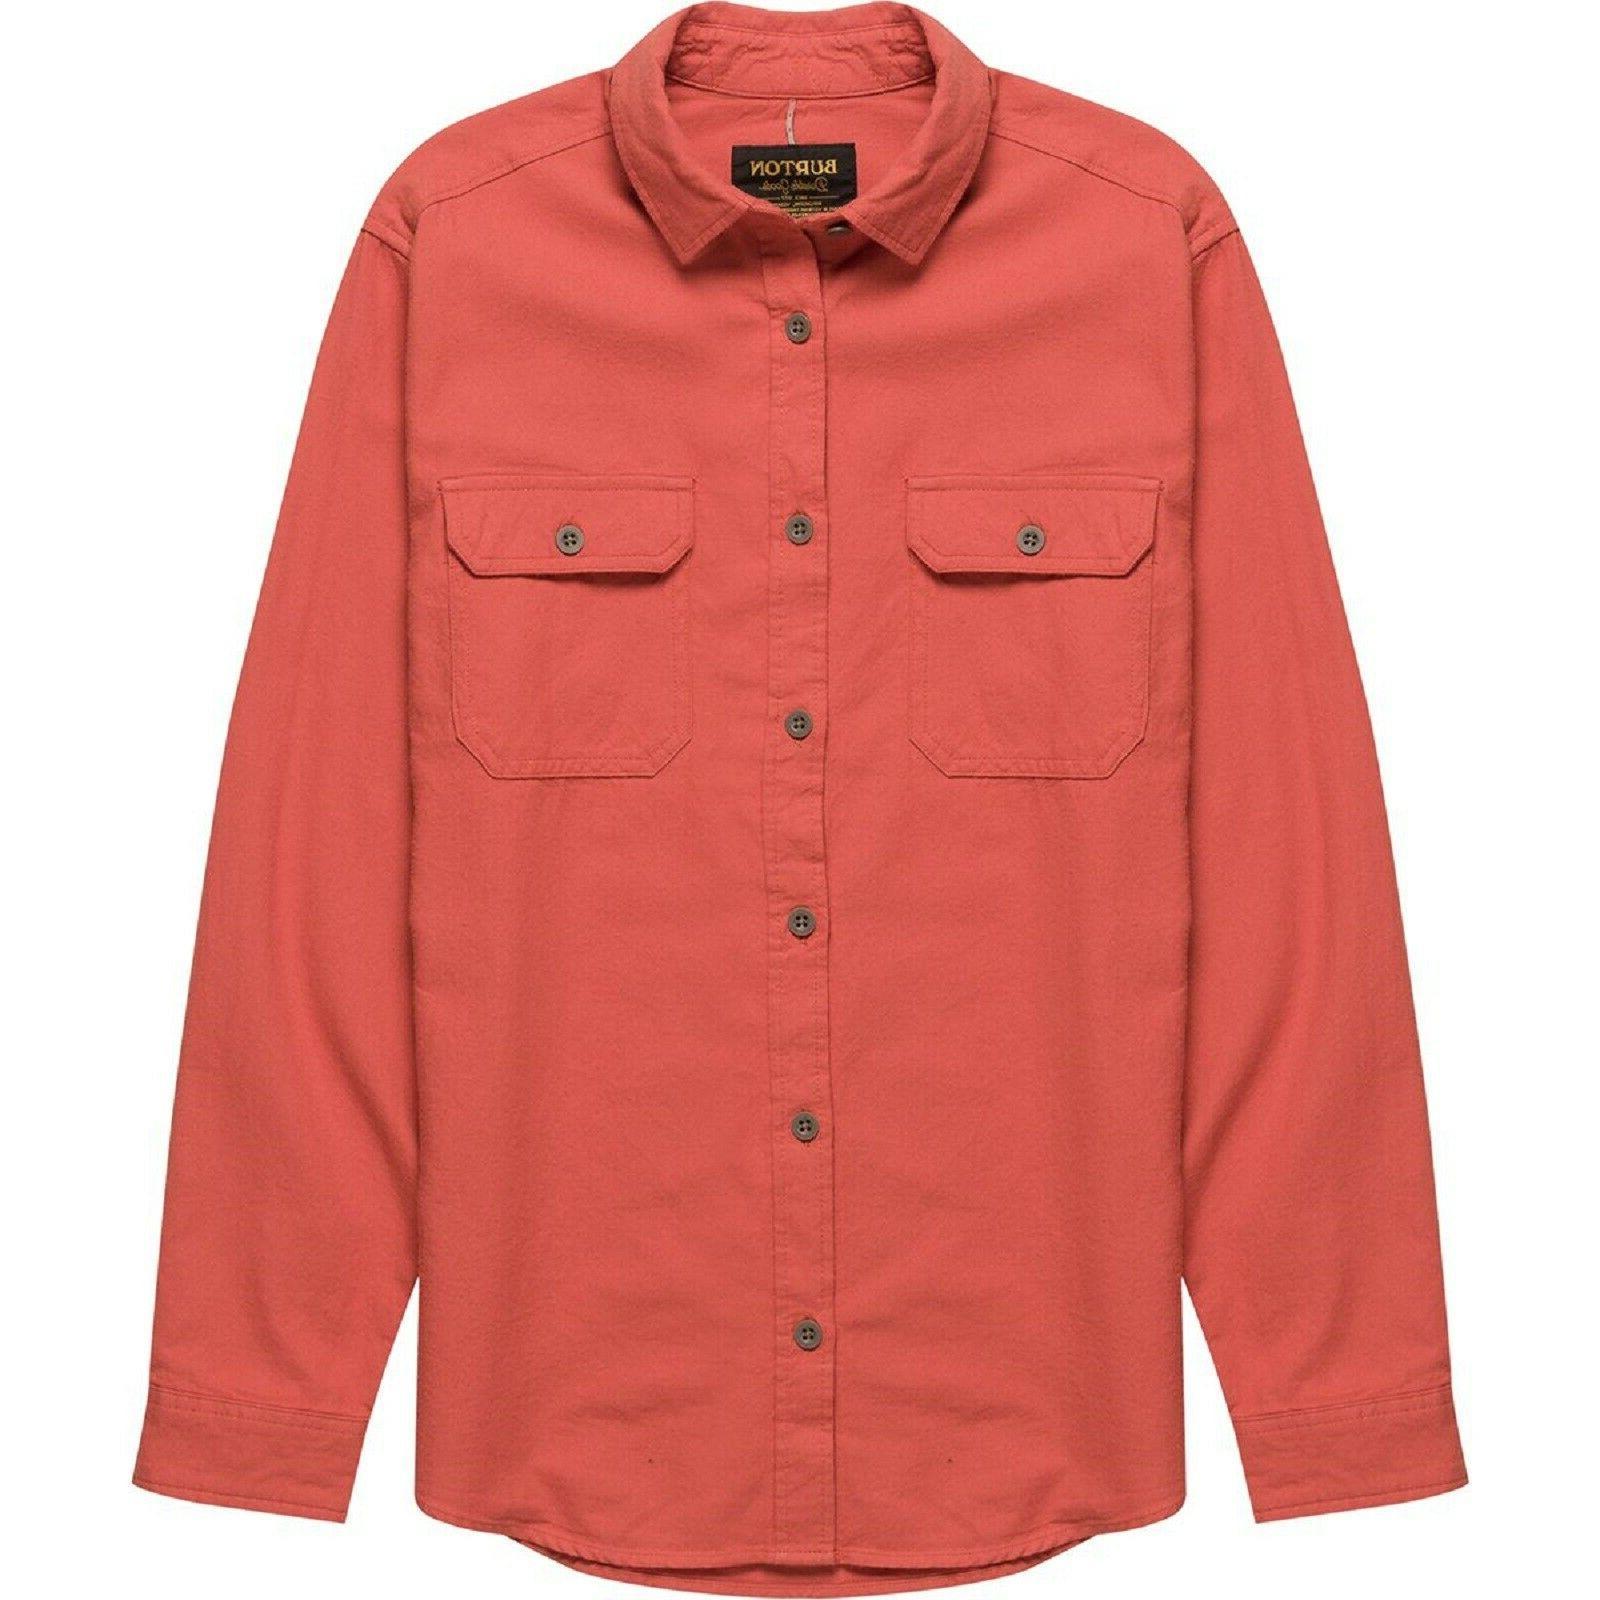 nwt mens small brighton flannel button down